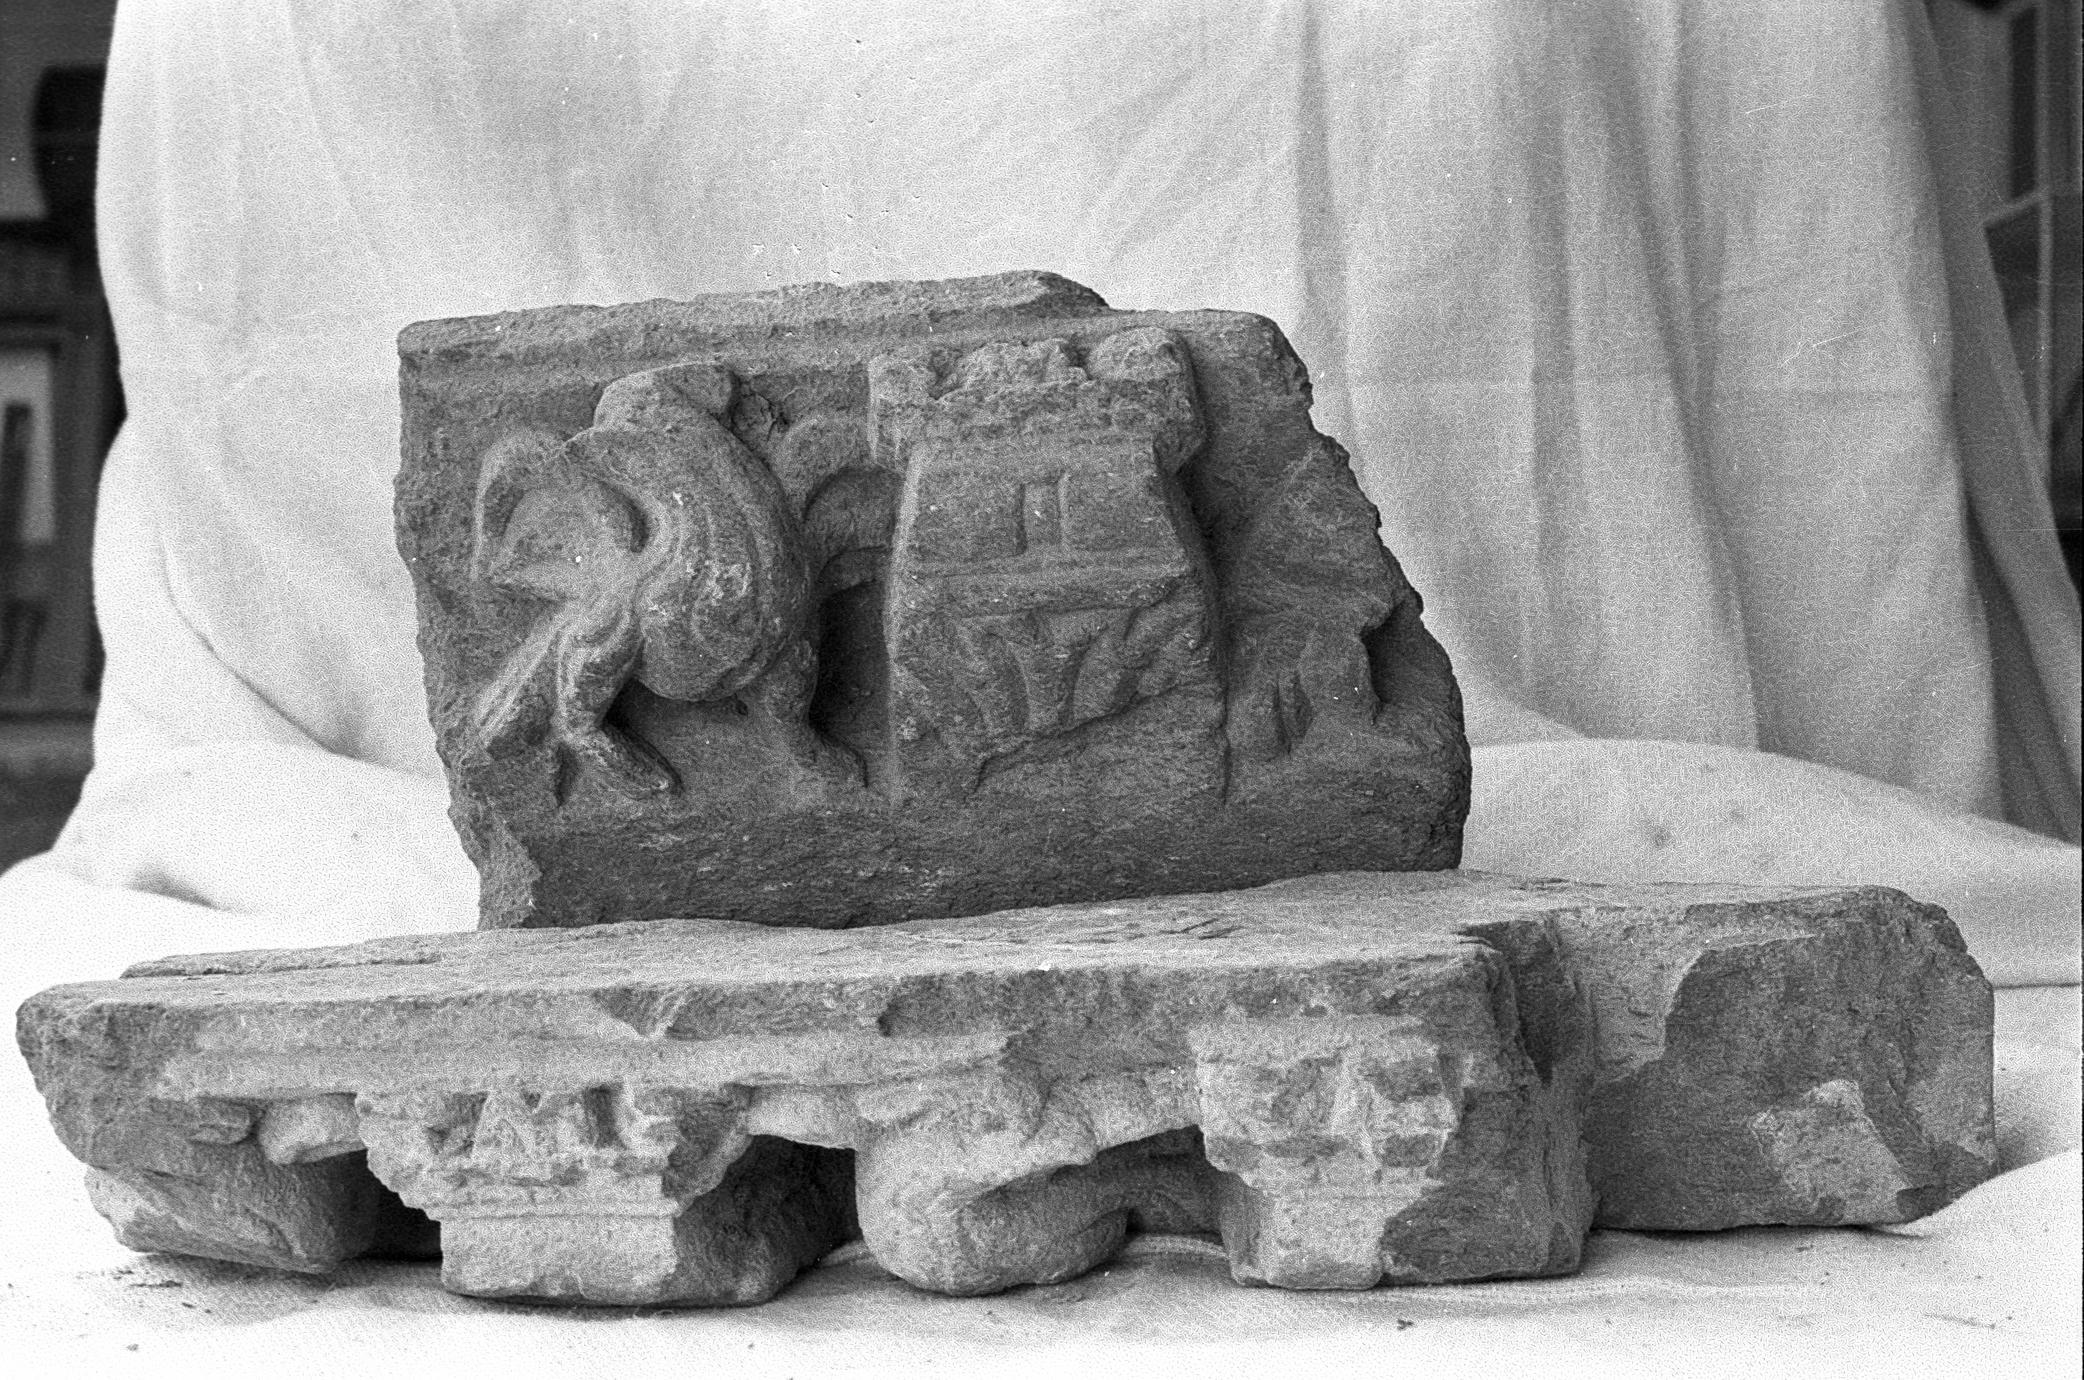 NG034, Cornice Fragment (3 of 3)